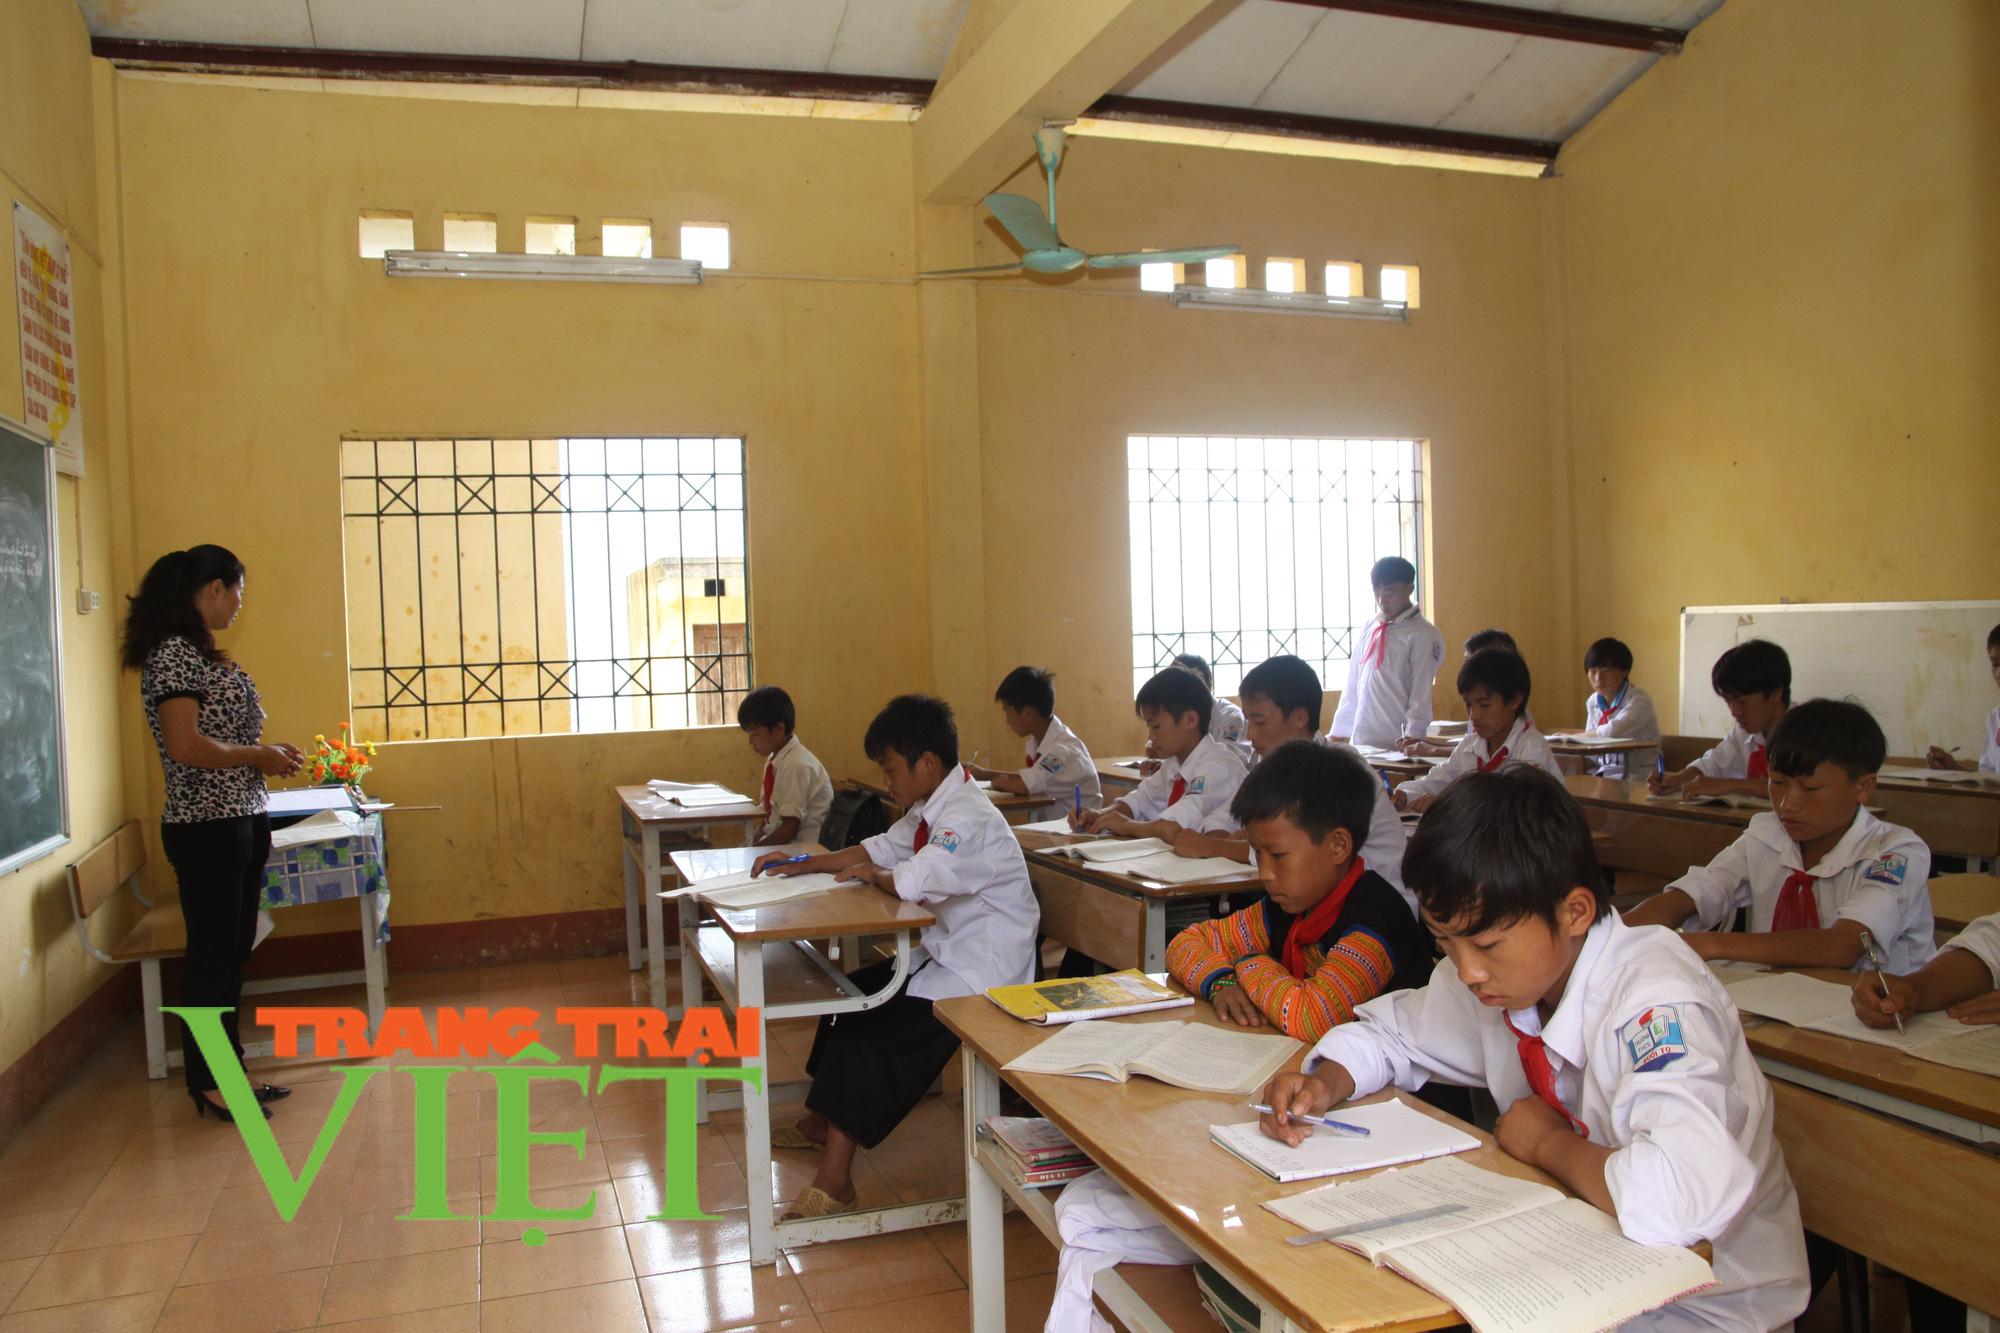 Sơn La: Những đột phá mới trong nâng cao chất lượng giáo dục và đào tạo - Ảnh 6.